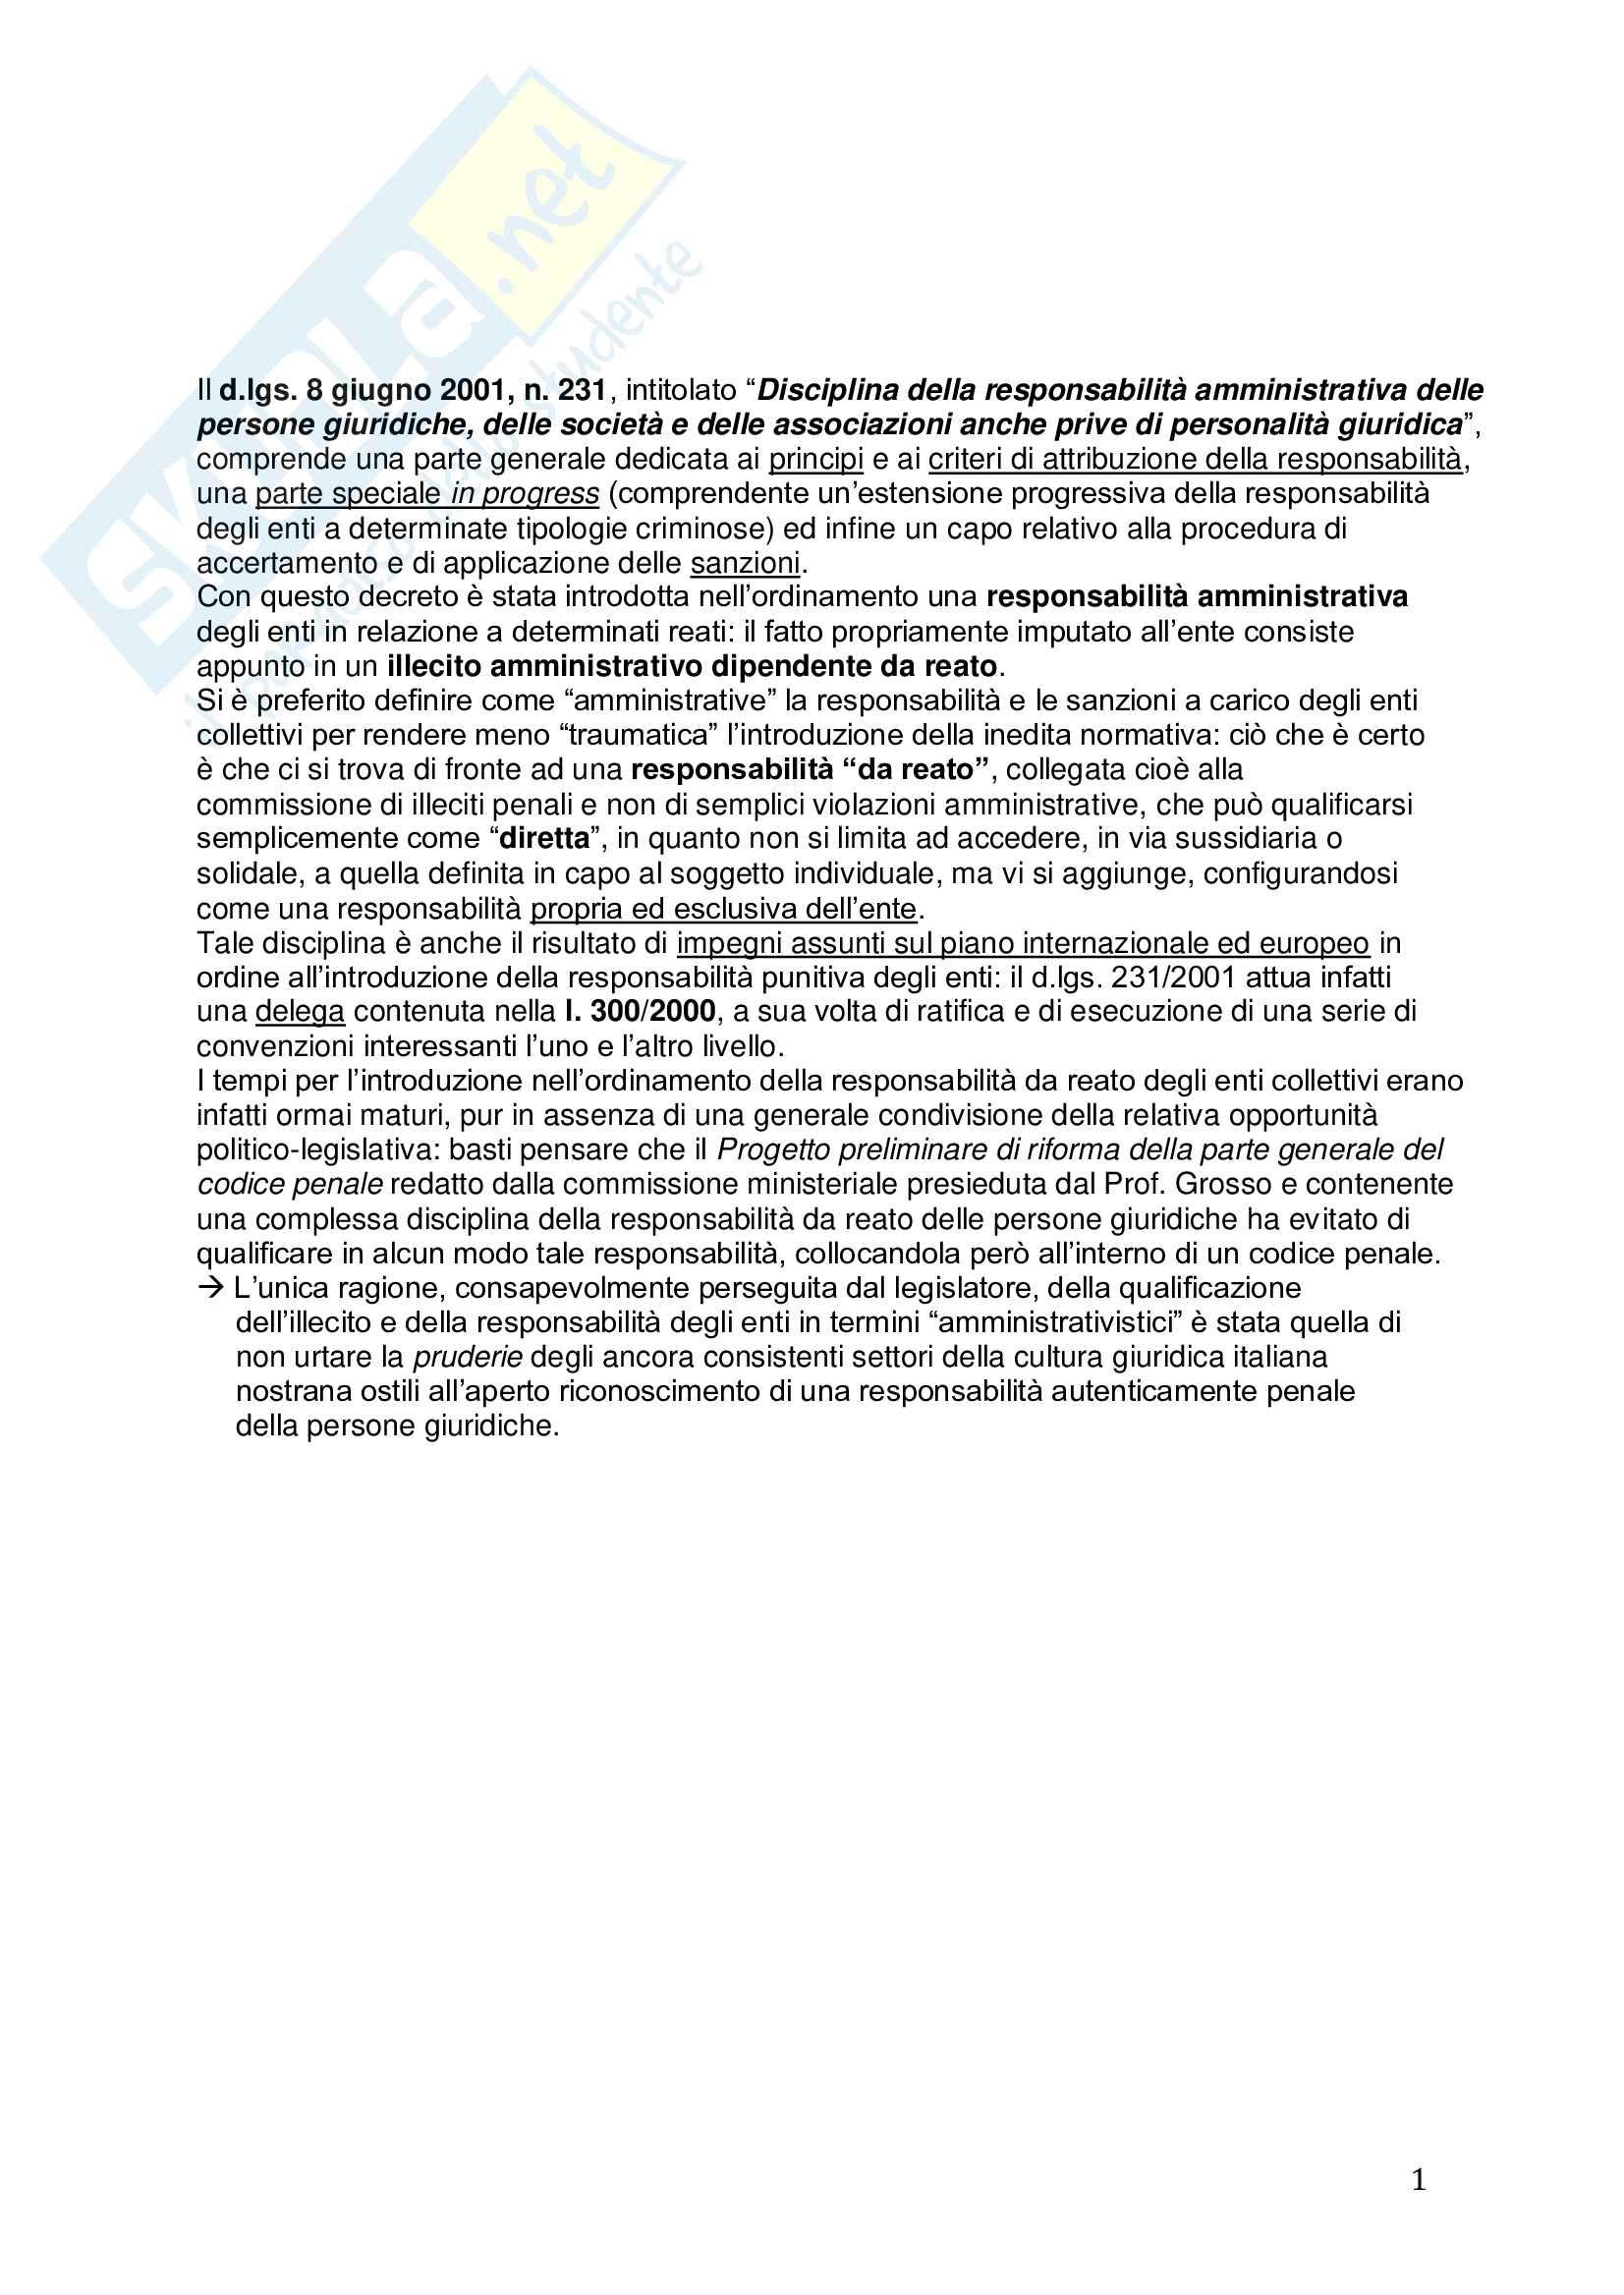 Riassunto esame Diritto, prof. Picotti, libro consigliato La responsabilità penale delle persone giuridiche, De Vero Pag. 1